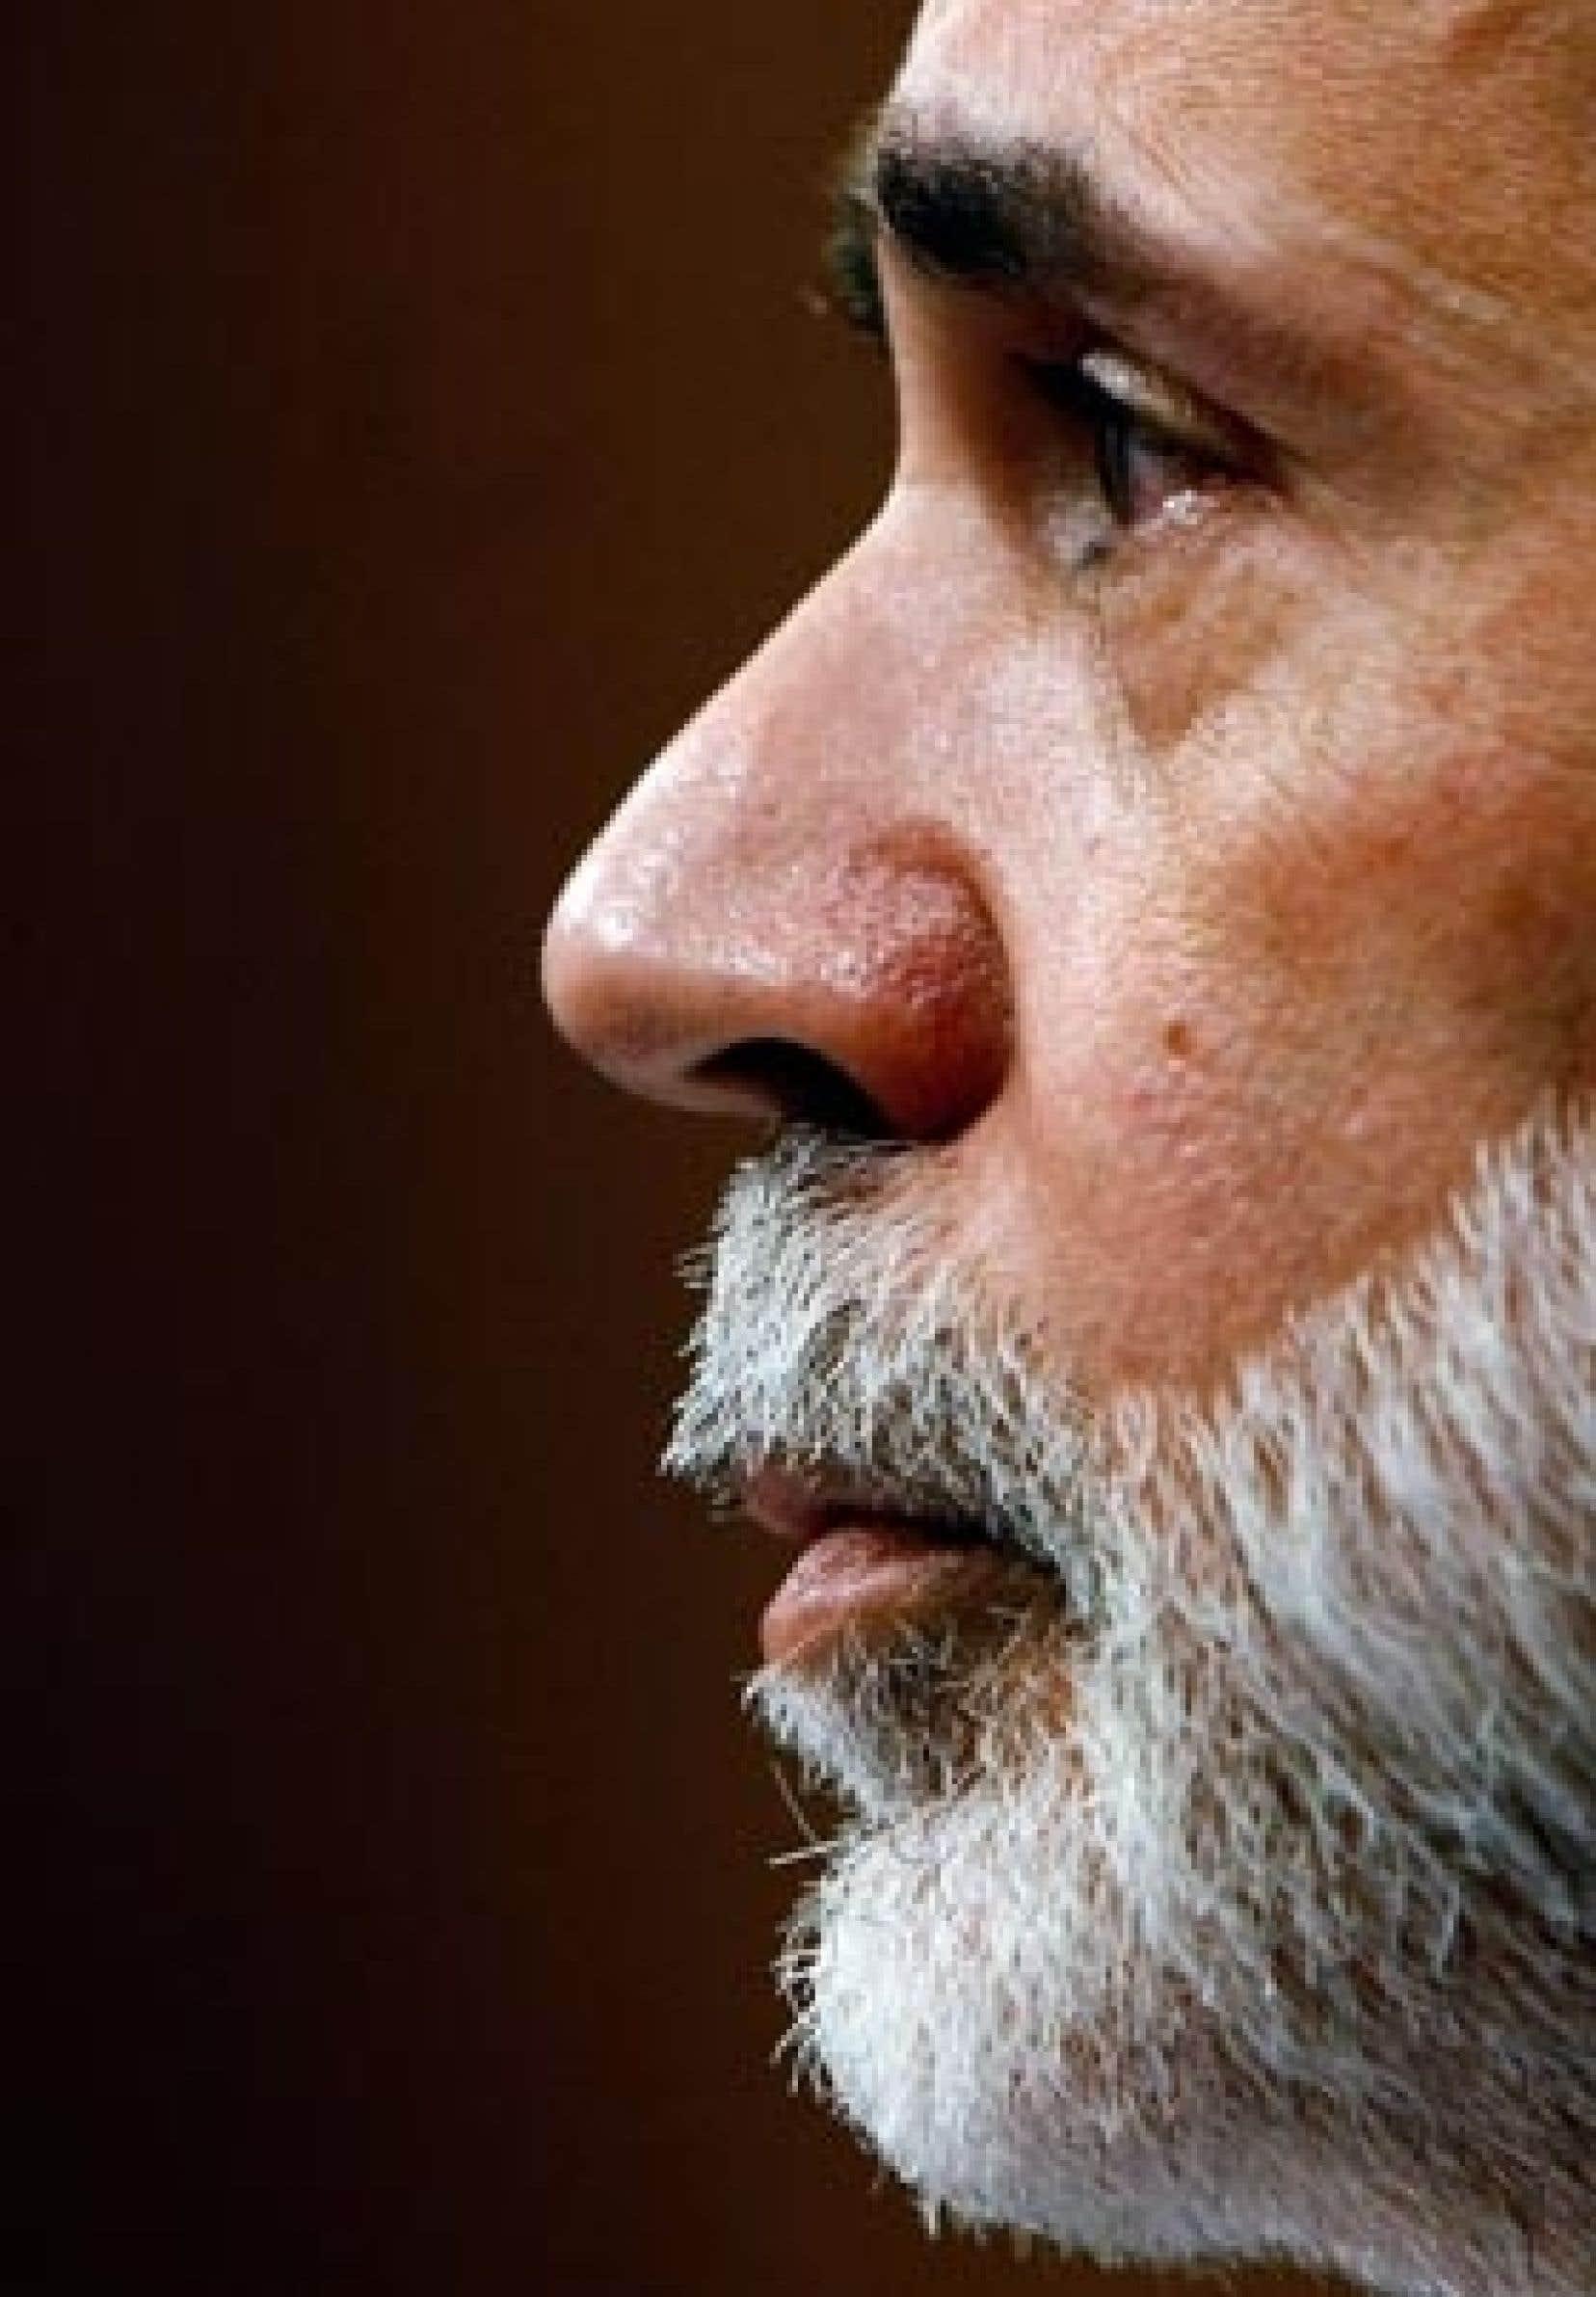 «Nous nous attendons à ce que l'activité économique touche le fond et puis reprenne plus tard cette année», a déclaré hier Ben Bernanke, le patron de la Fed.